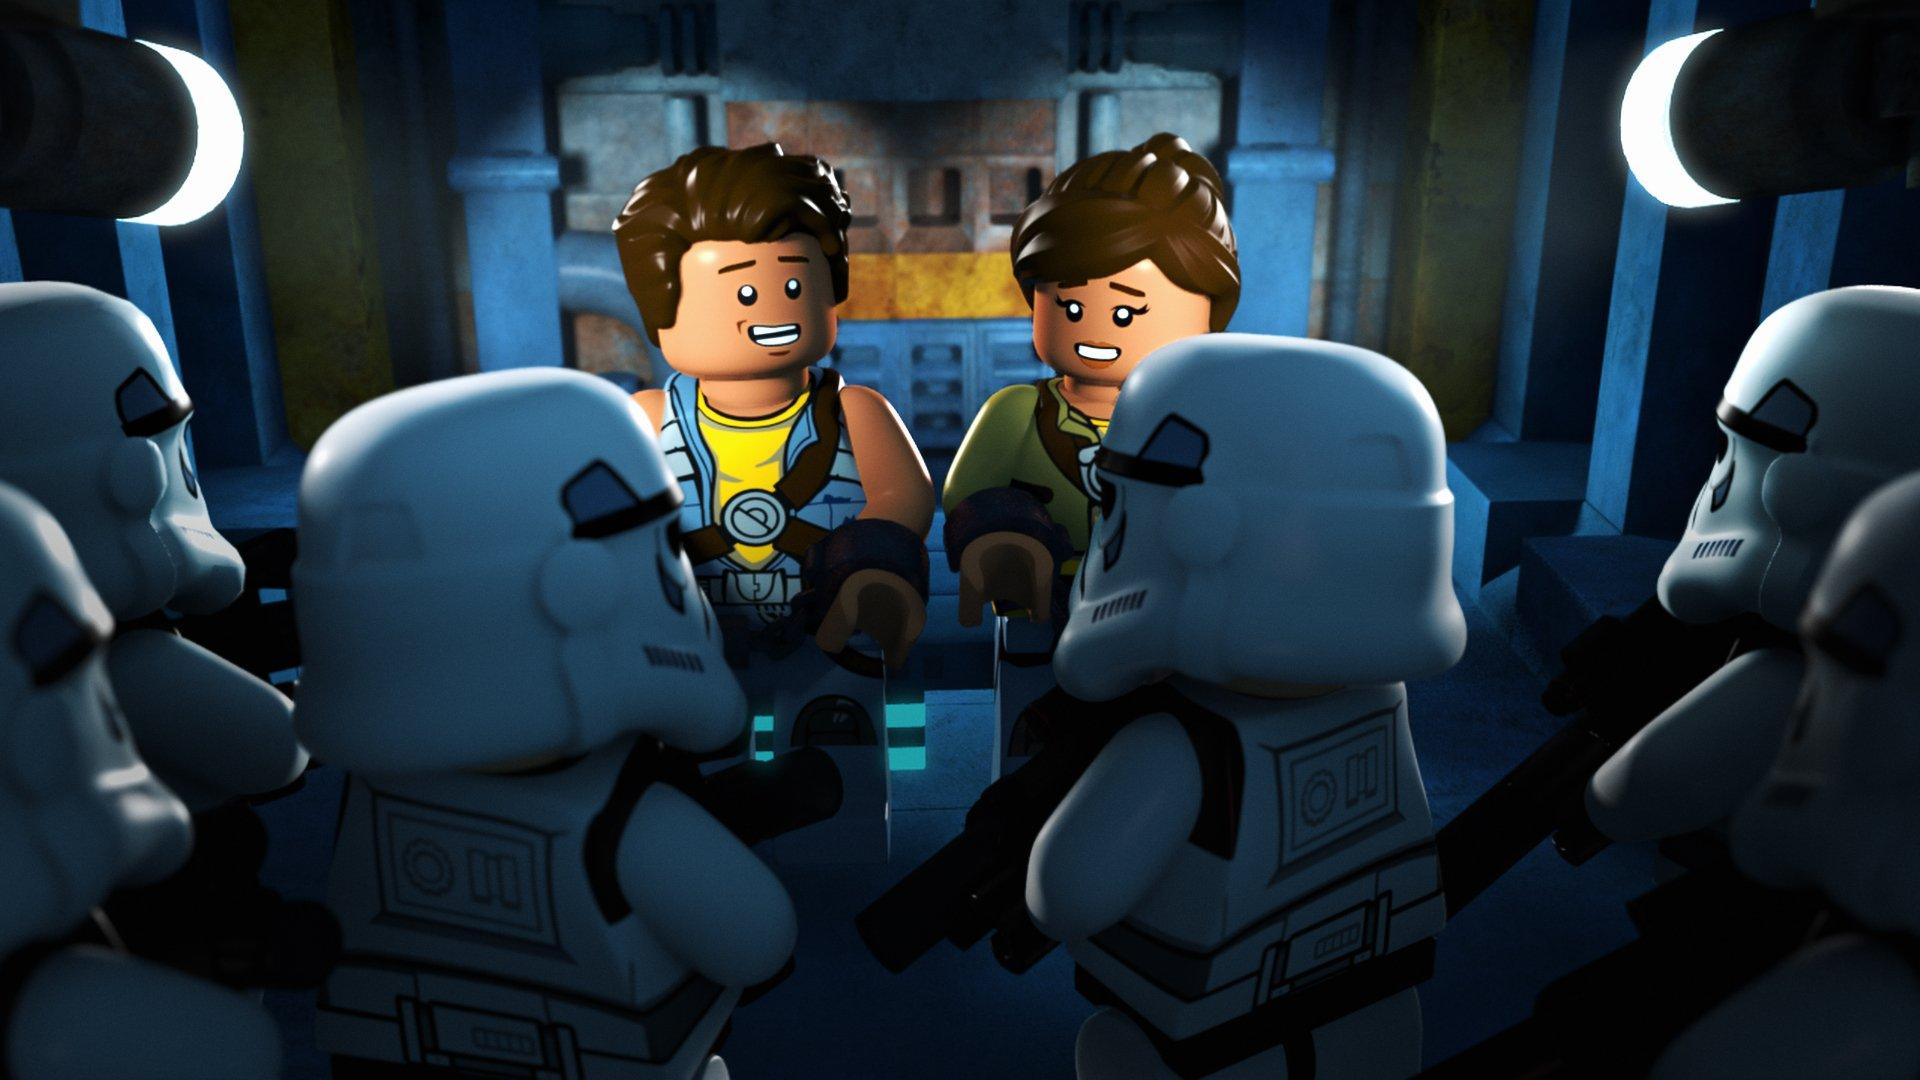 Lego_freemakeradventures_E0101_Still017